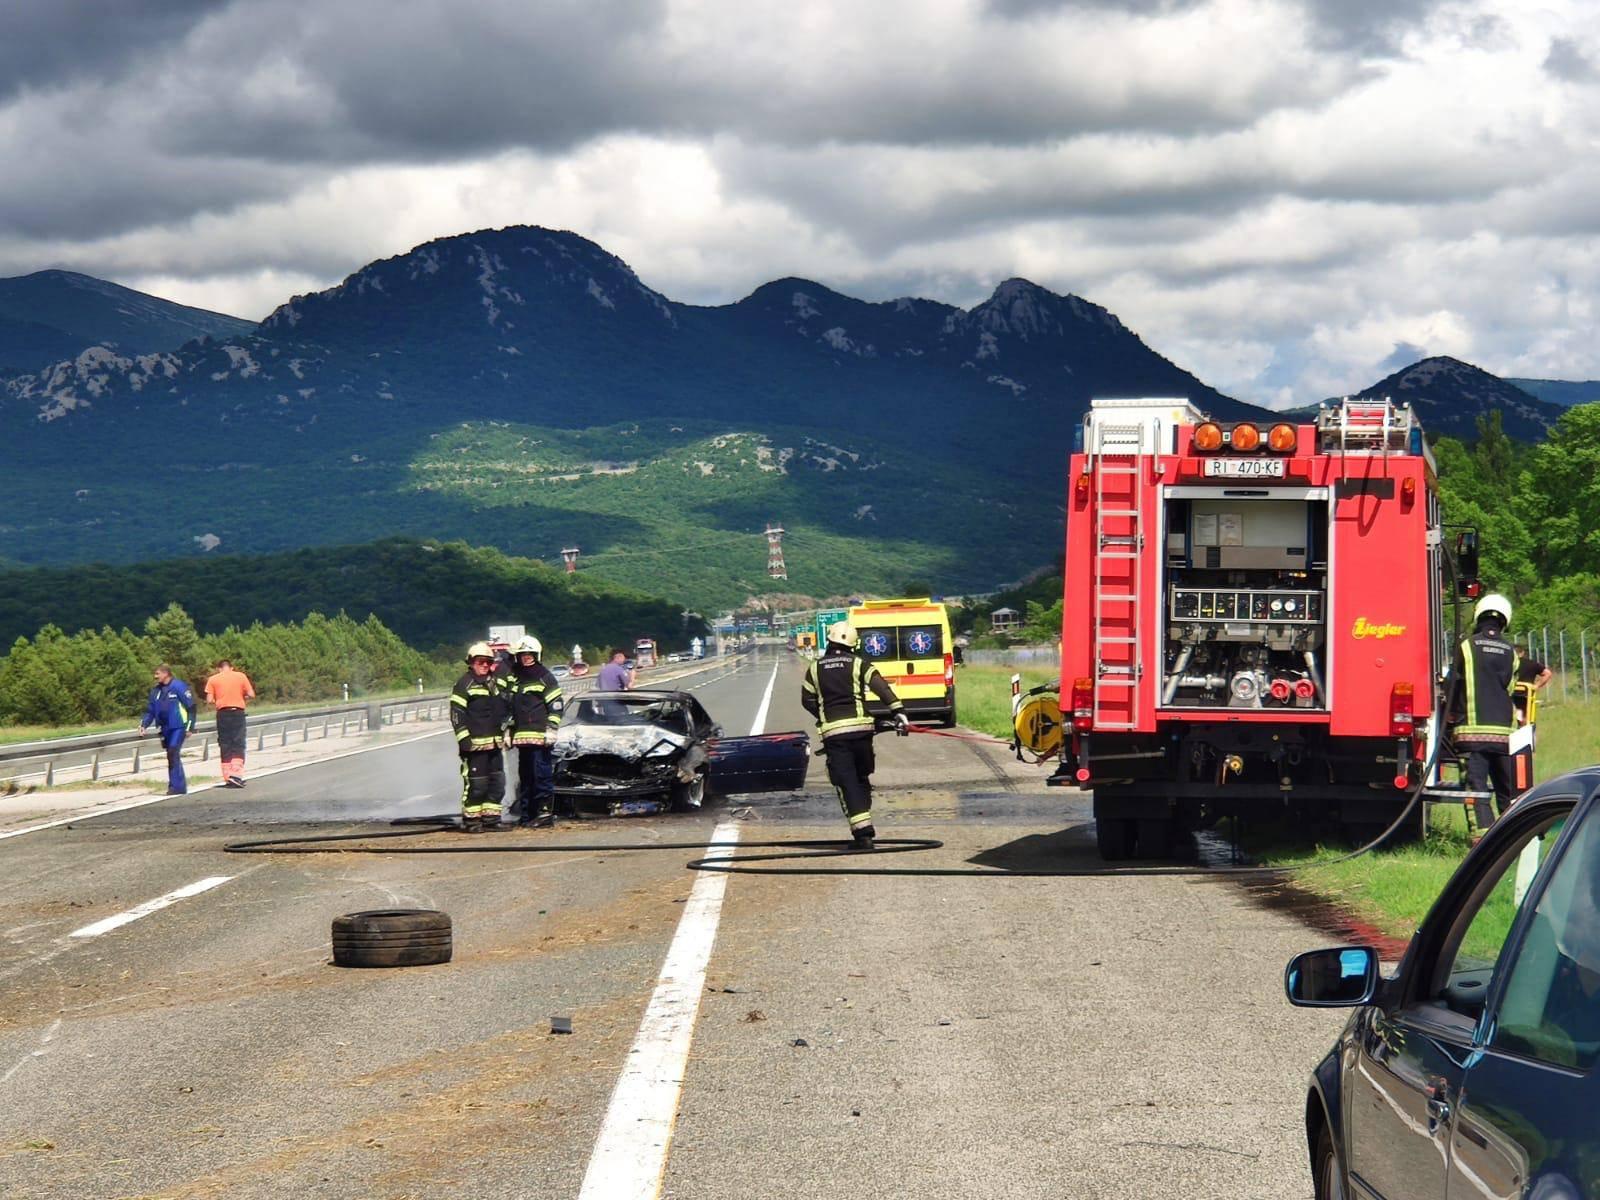 Auto se zabio u ogradu pa zapalio: Vozač u zadnji tren uspio izaći iz vozila